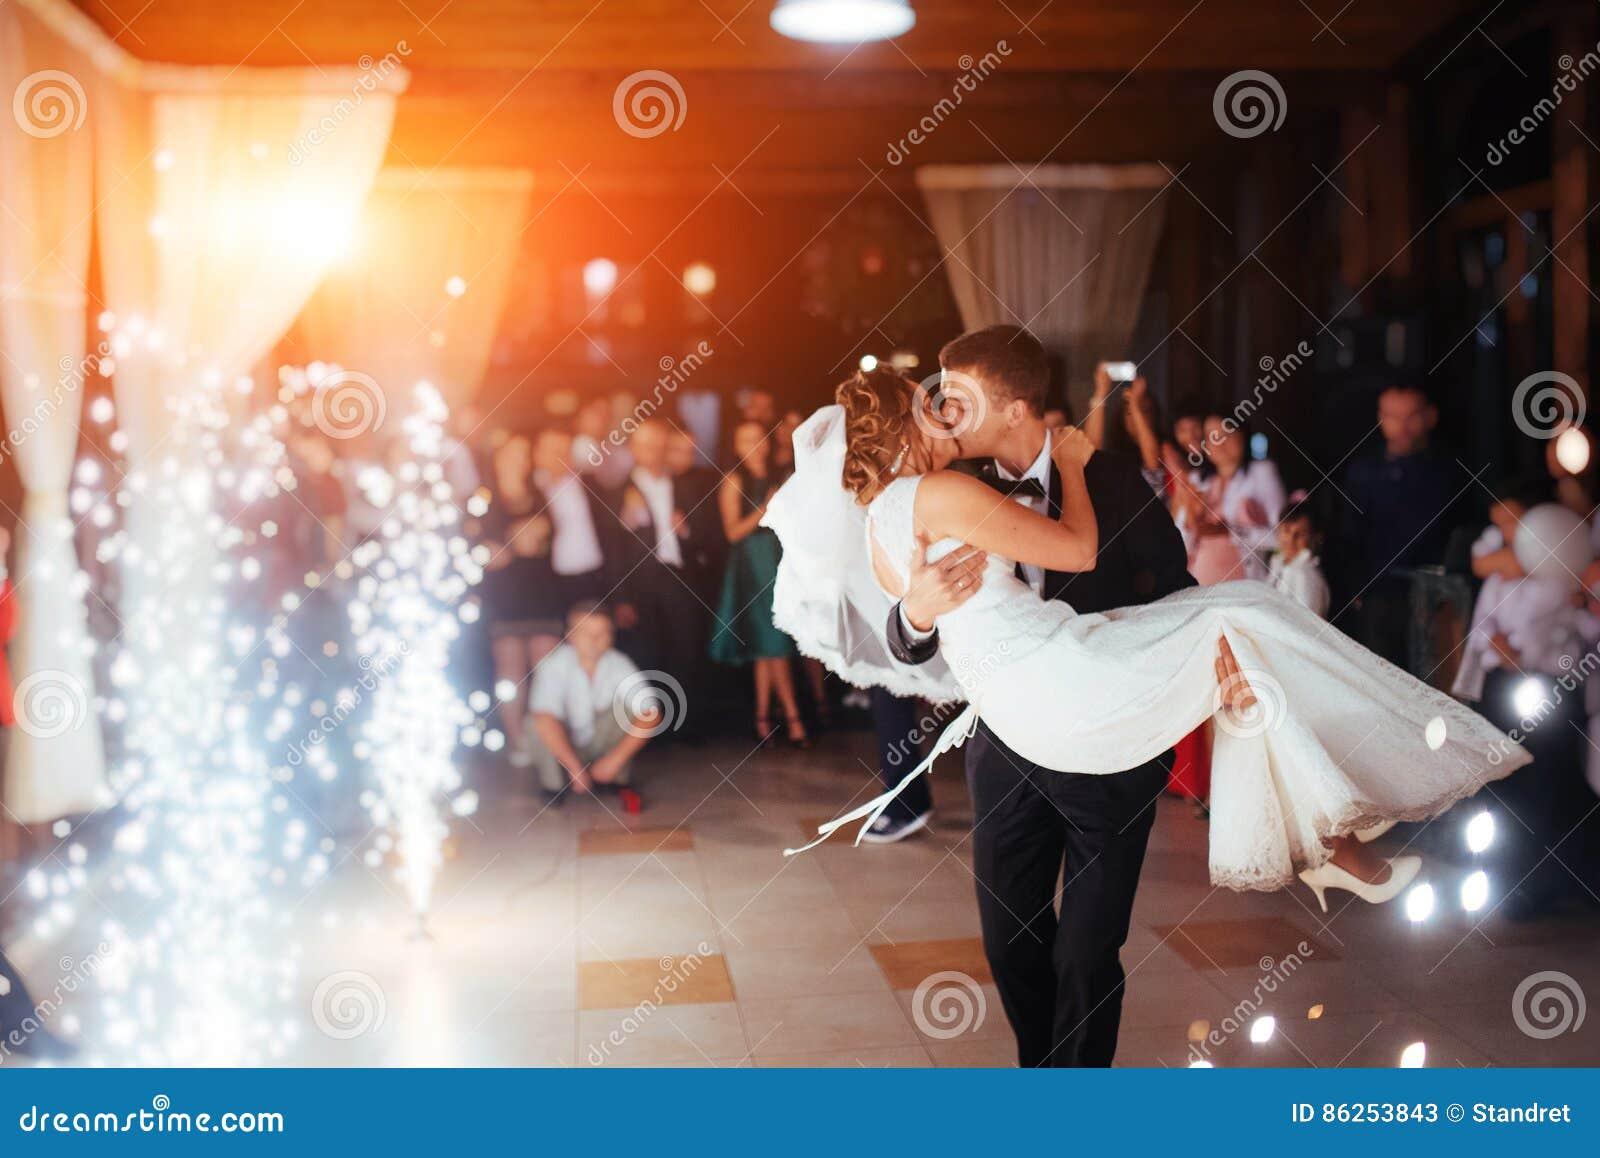 De gelukkige bruid en verzorgt een hun eerste dans, huwelijk